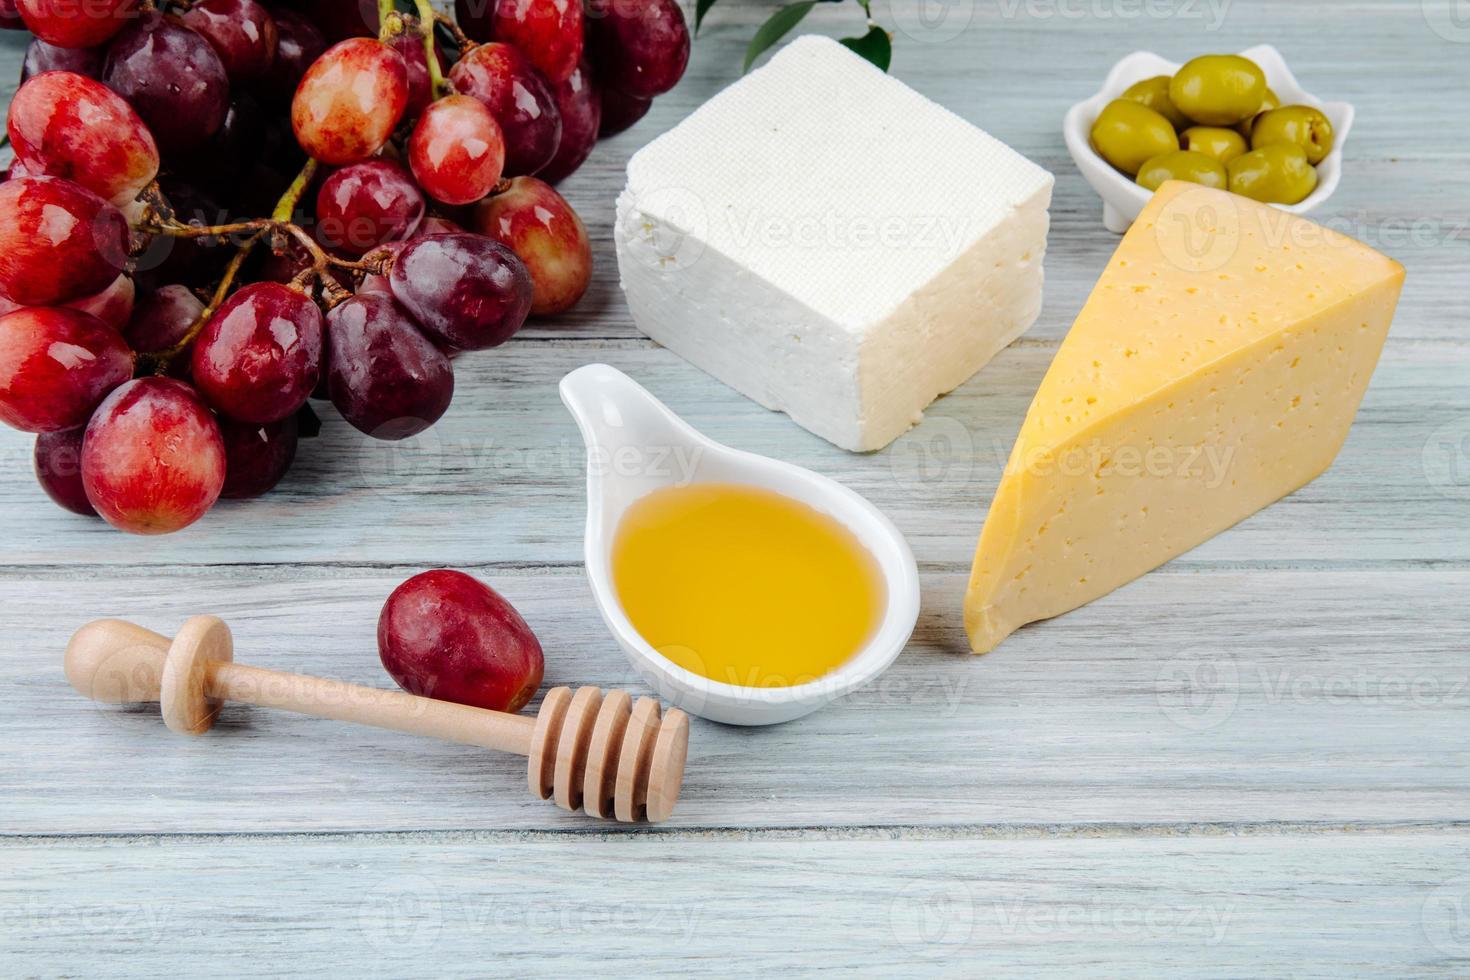 primo piano di miele, formaggio e altri antipasti foto